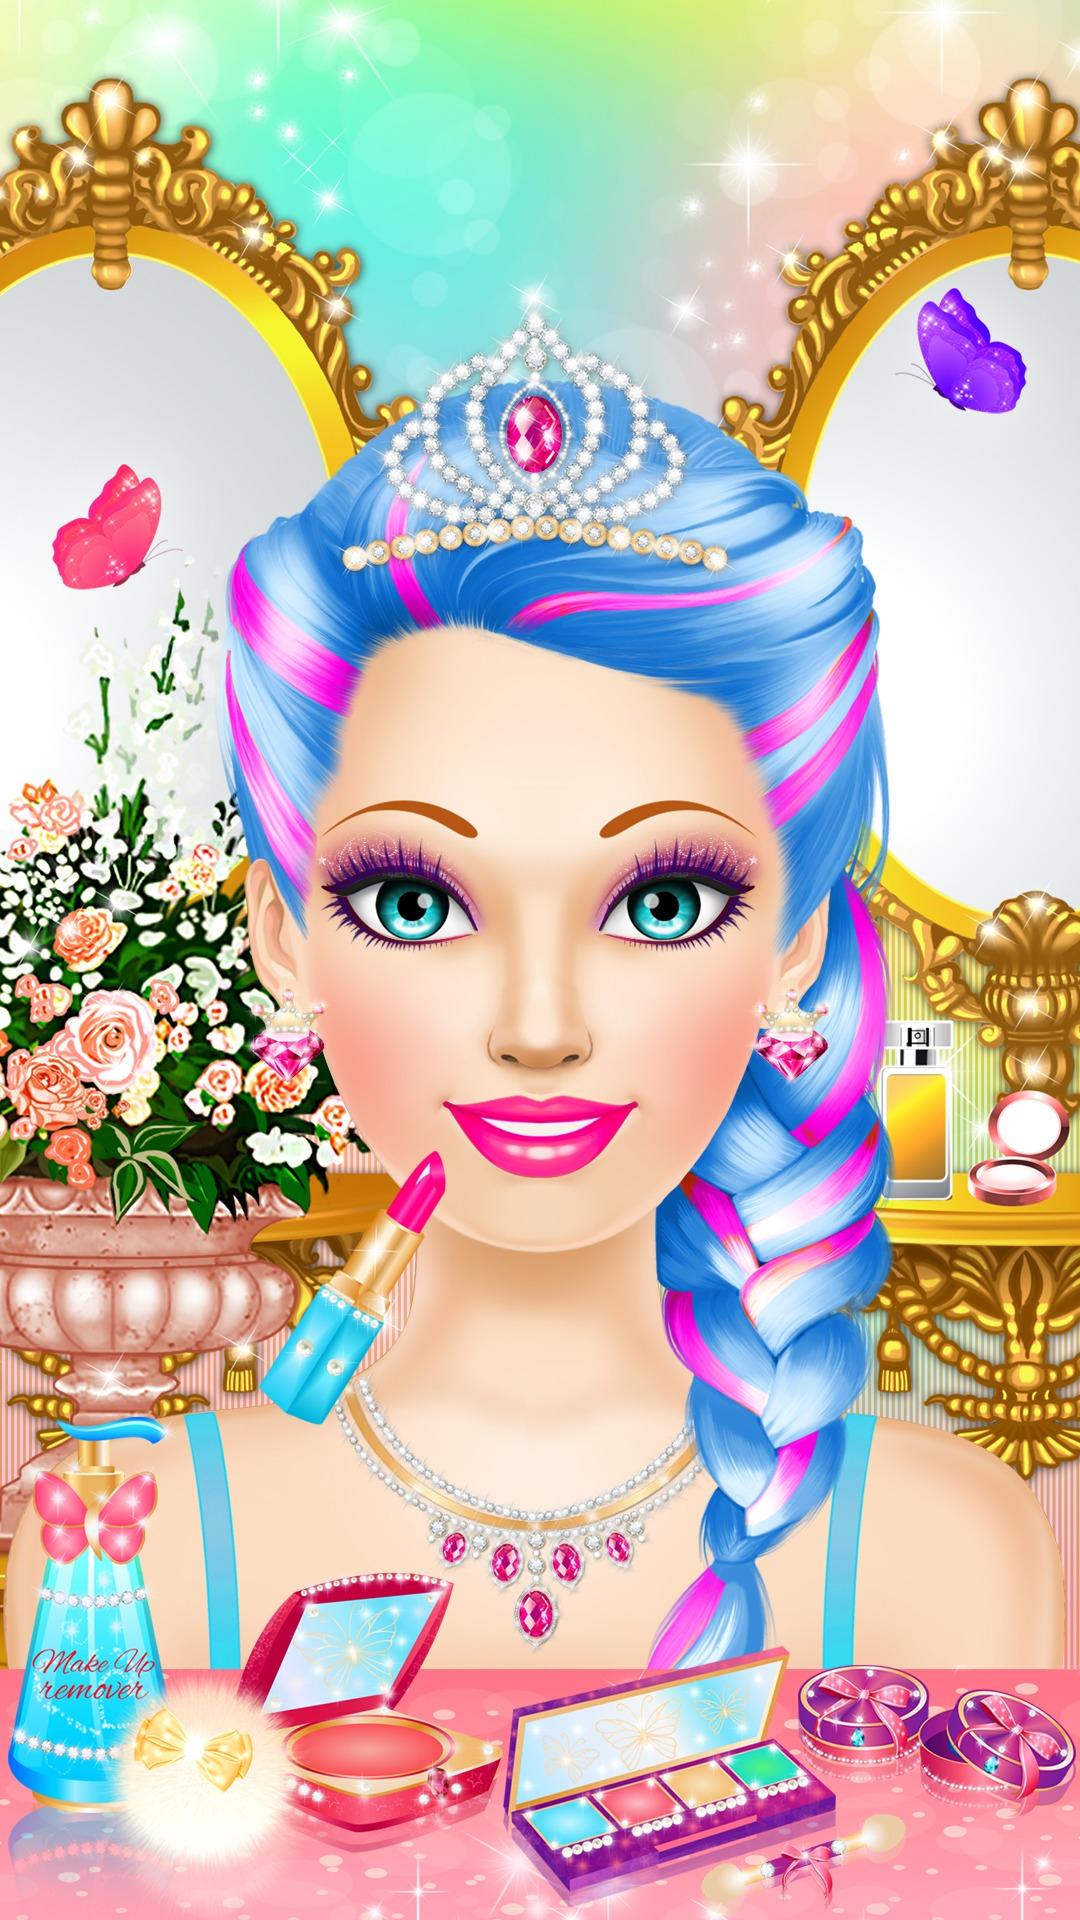 princess salon spiel